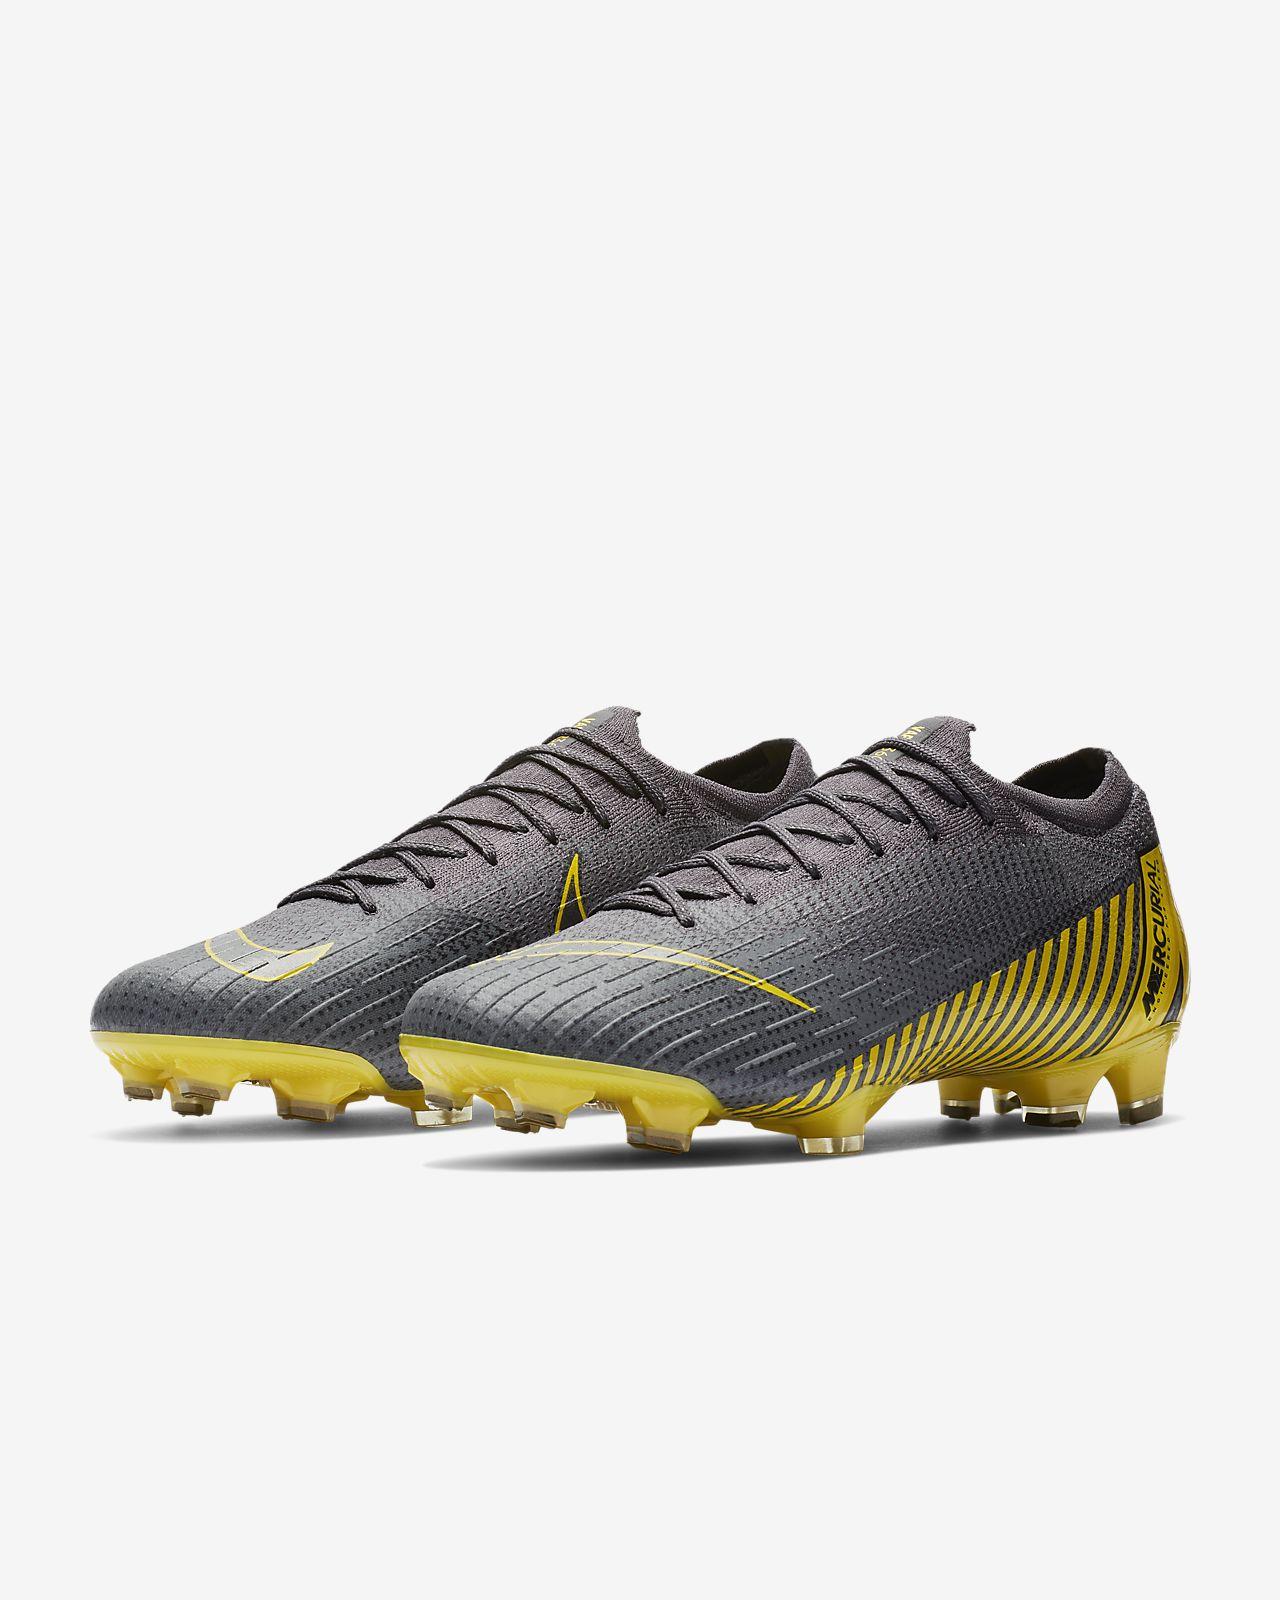 8f890f3e6597 Nike Vapor 12 Elite FG Game Over Firm-Ground Football Boot. Nike.com CA